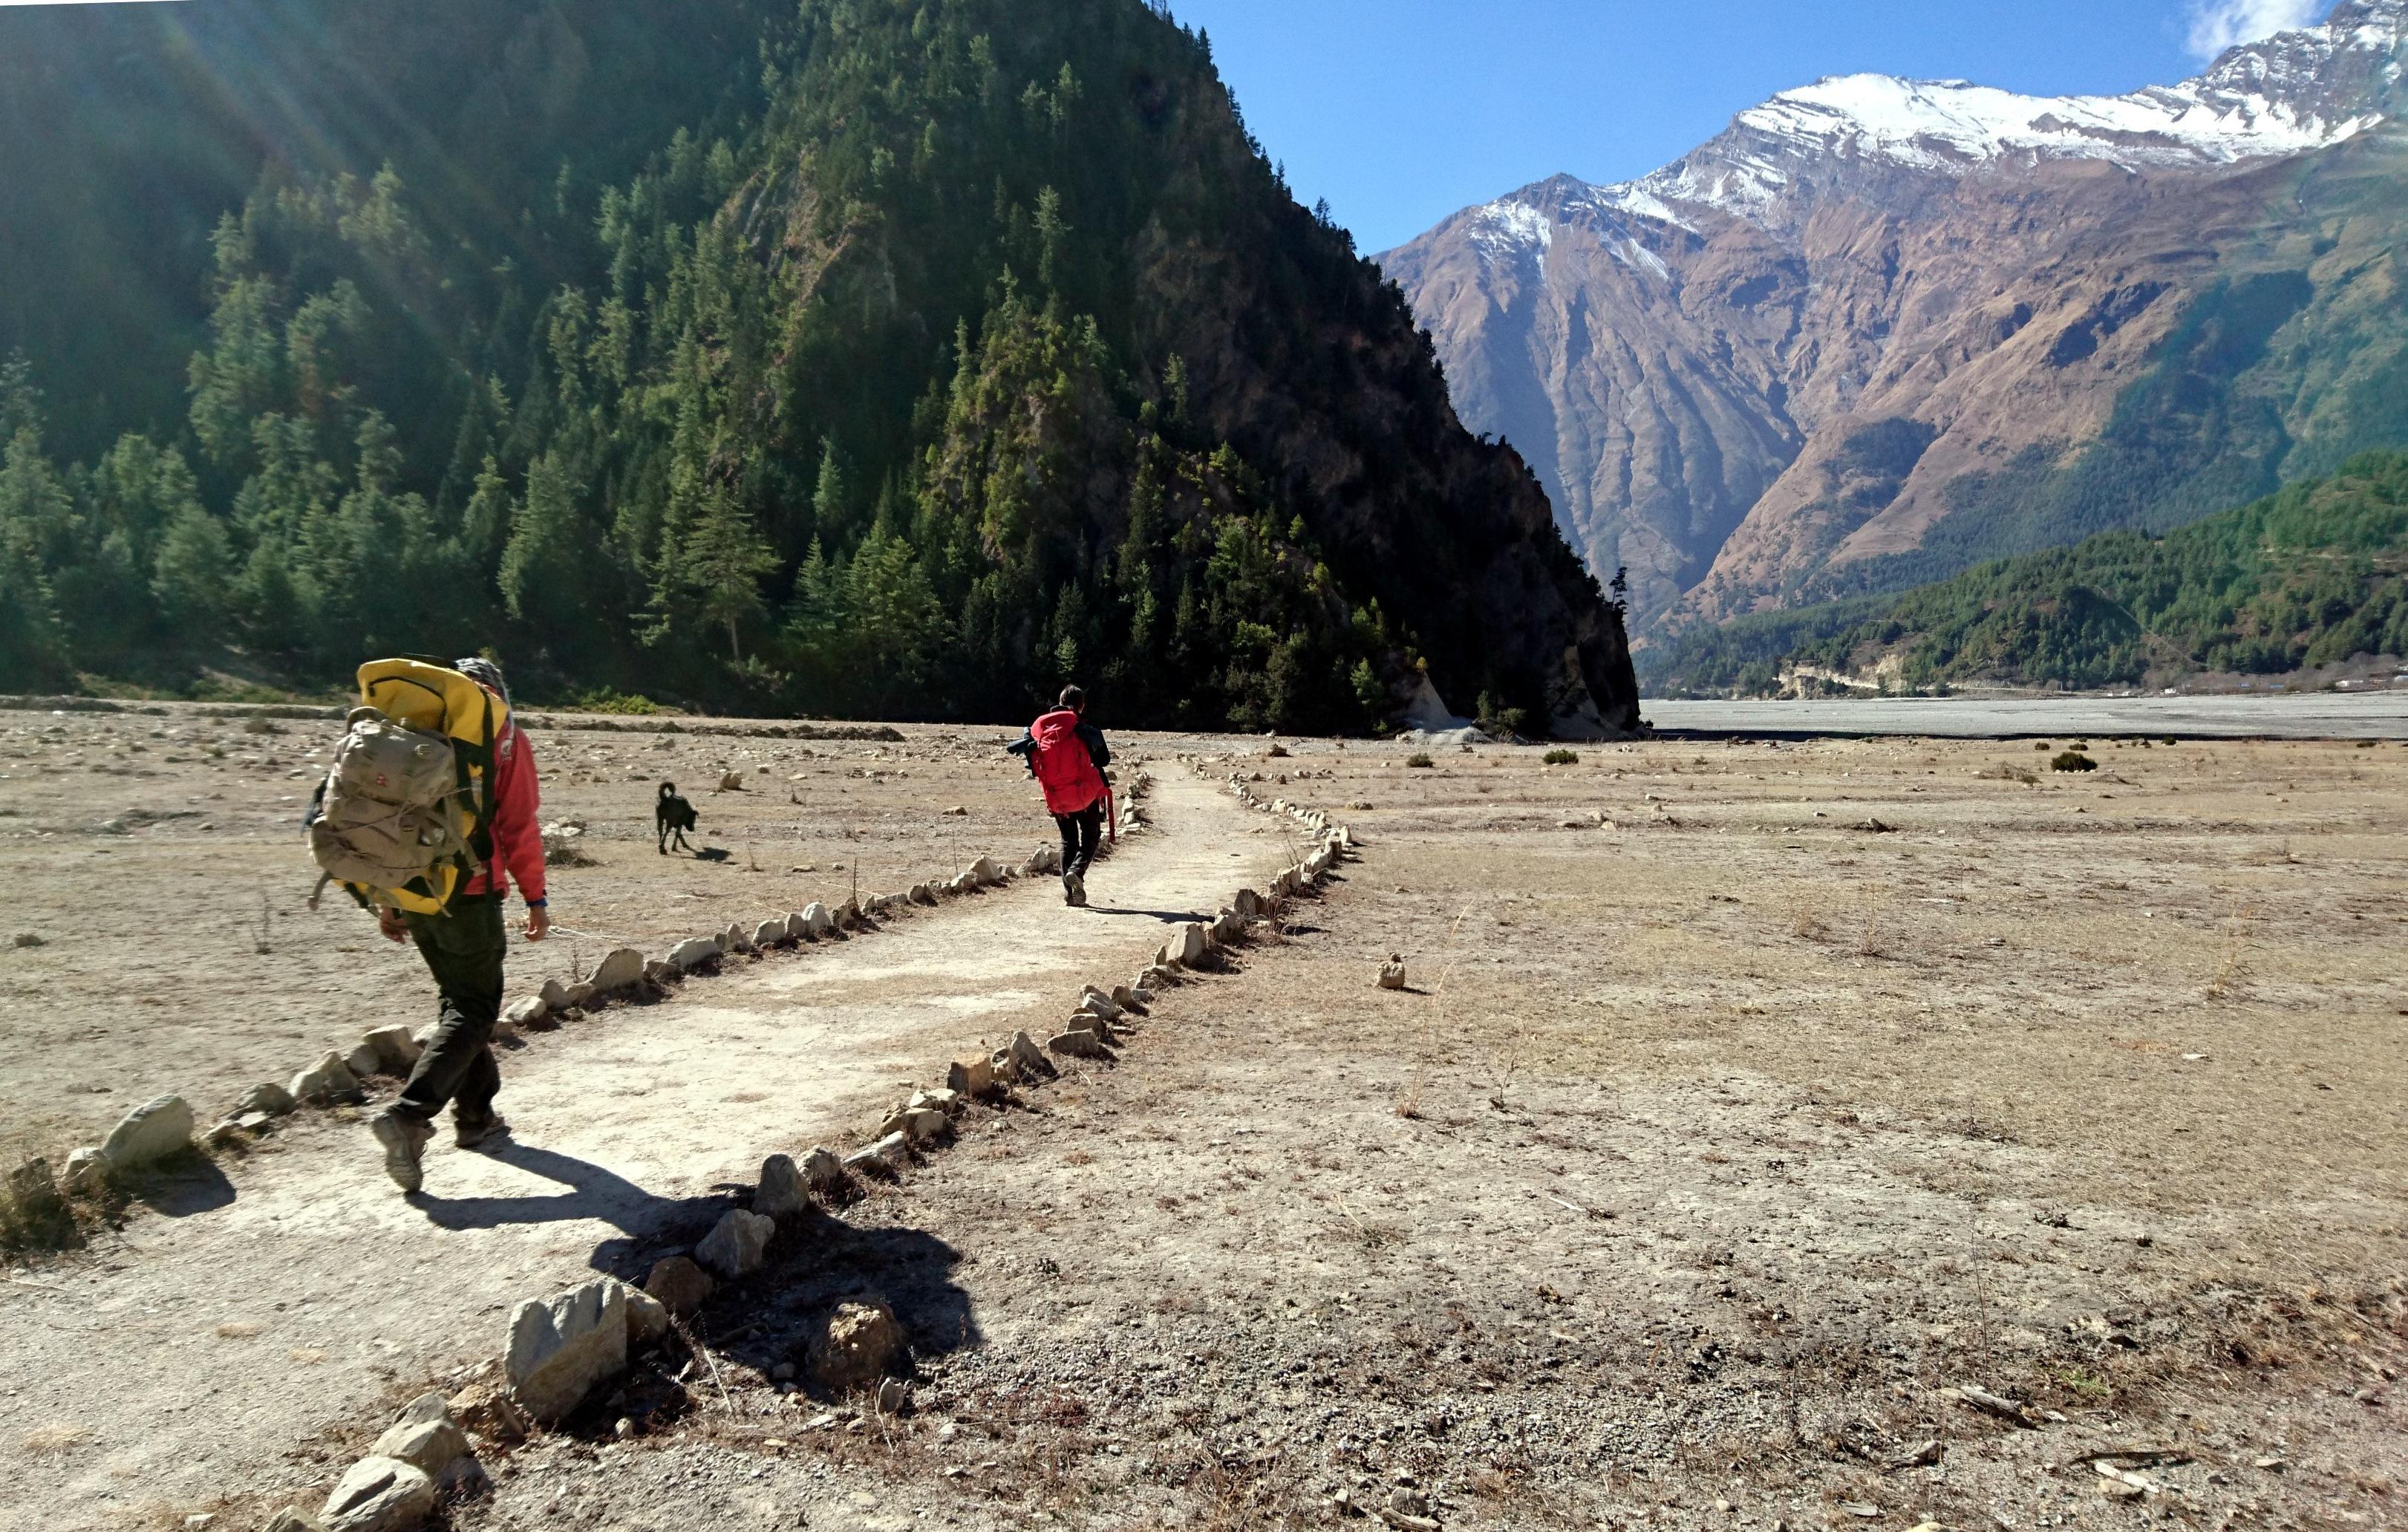 il sentiero sale e scende lungo il Kali Gandaki, attraversando piccole pianure, a volte coltivate